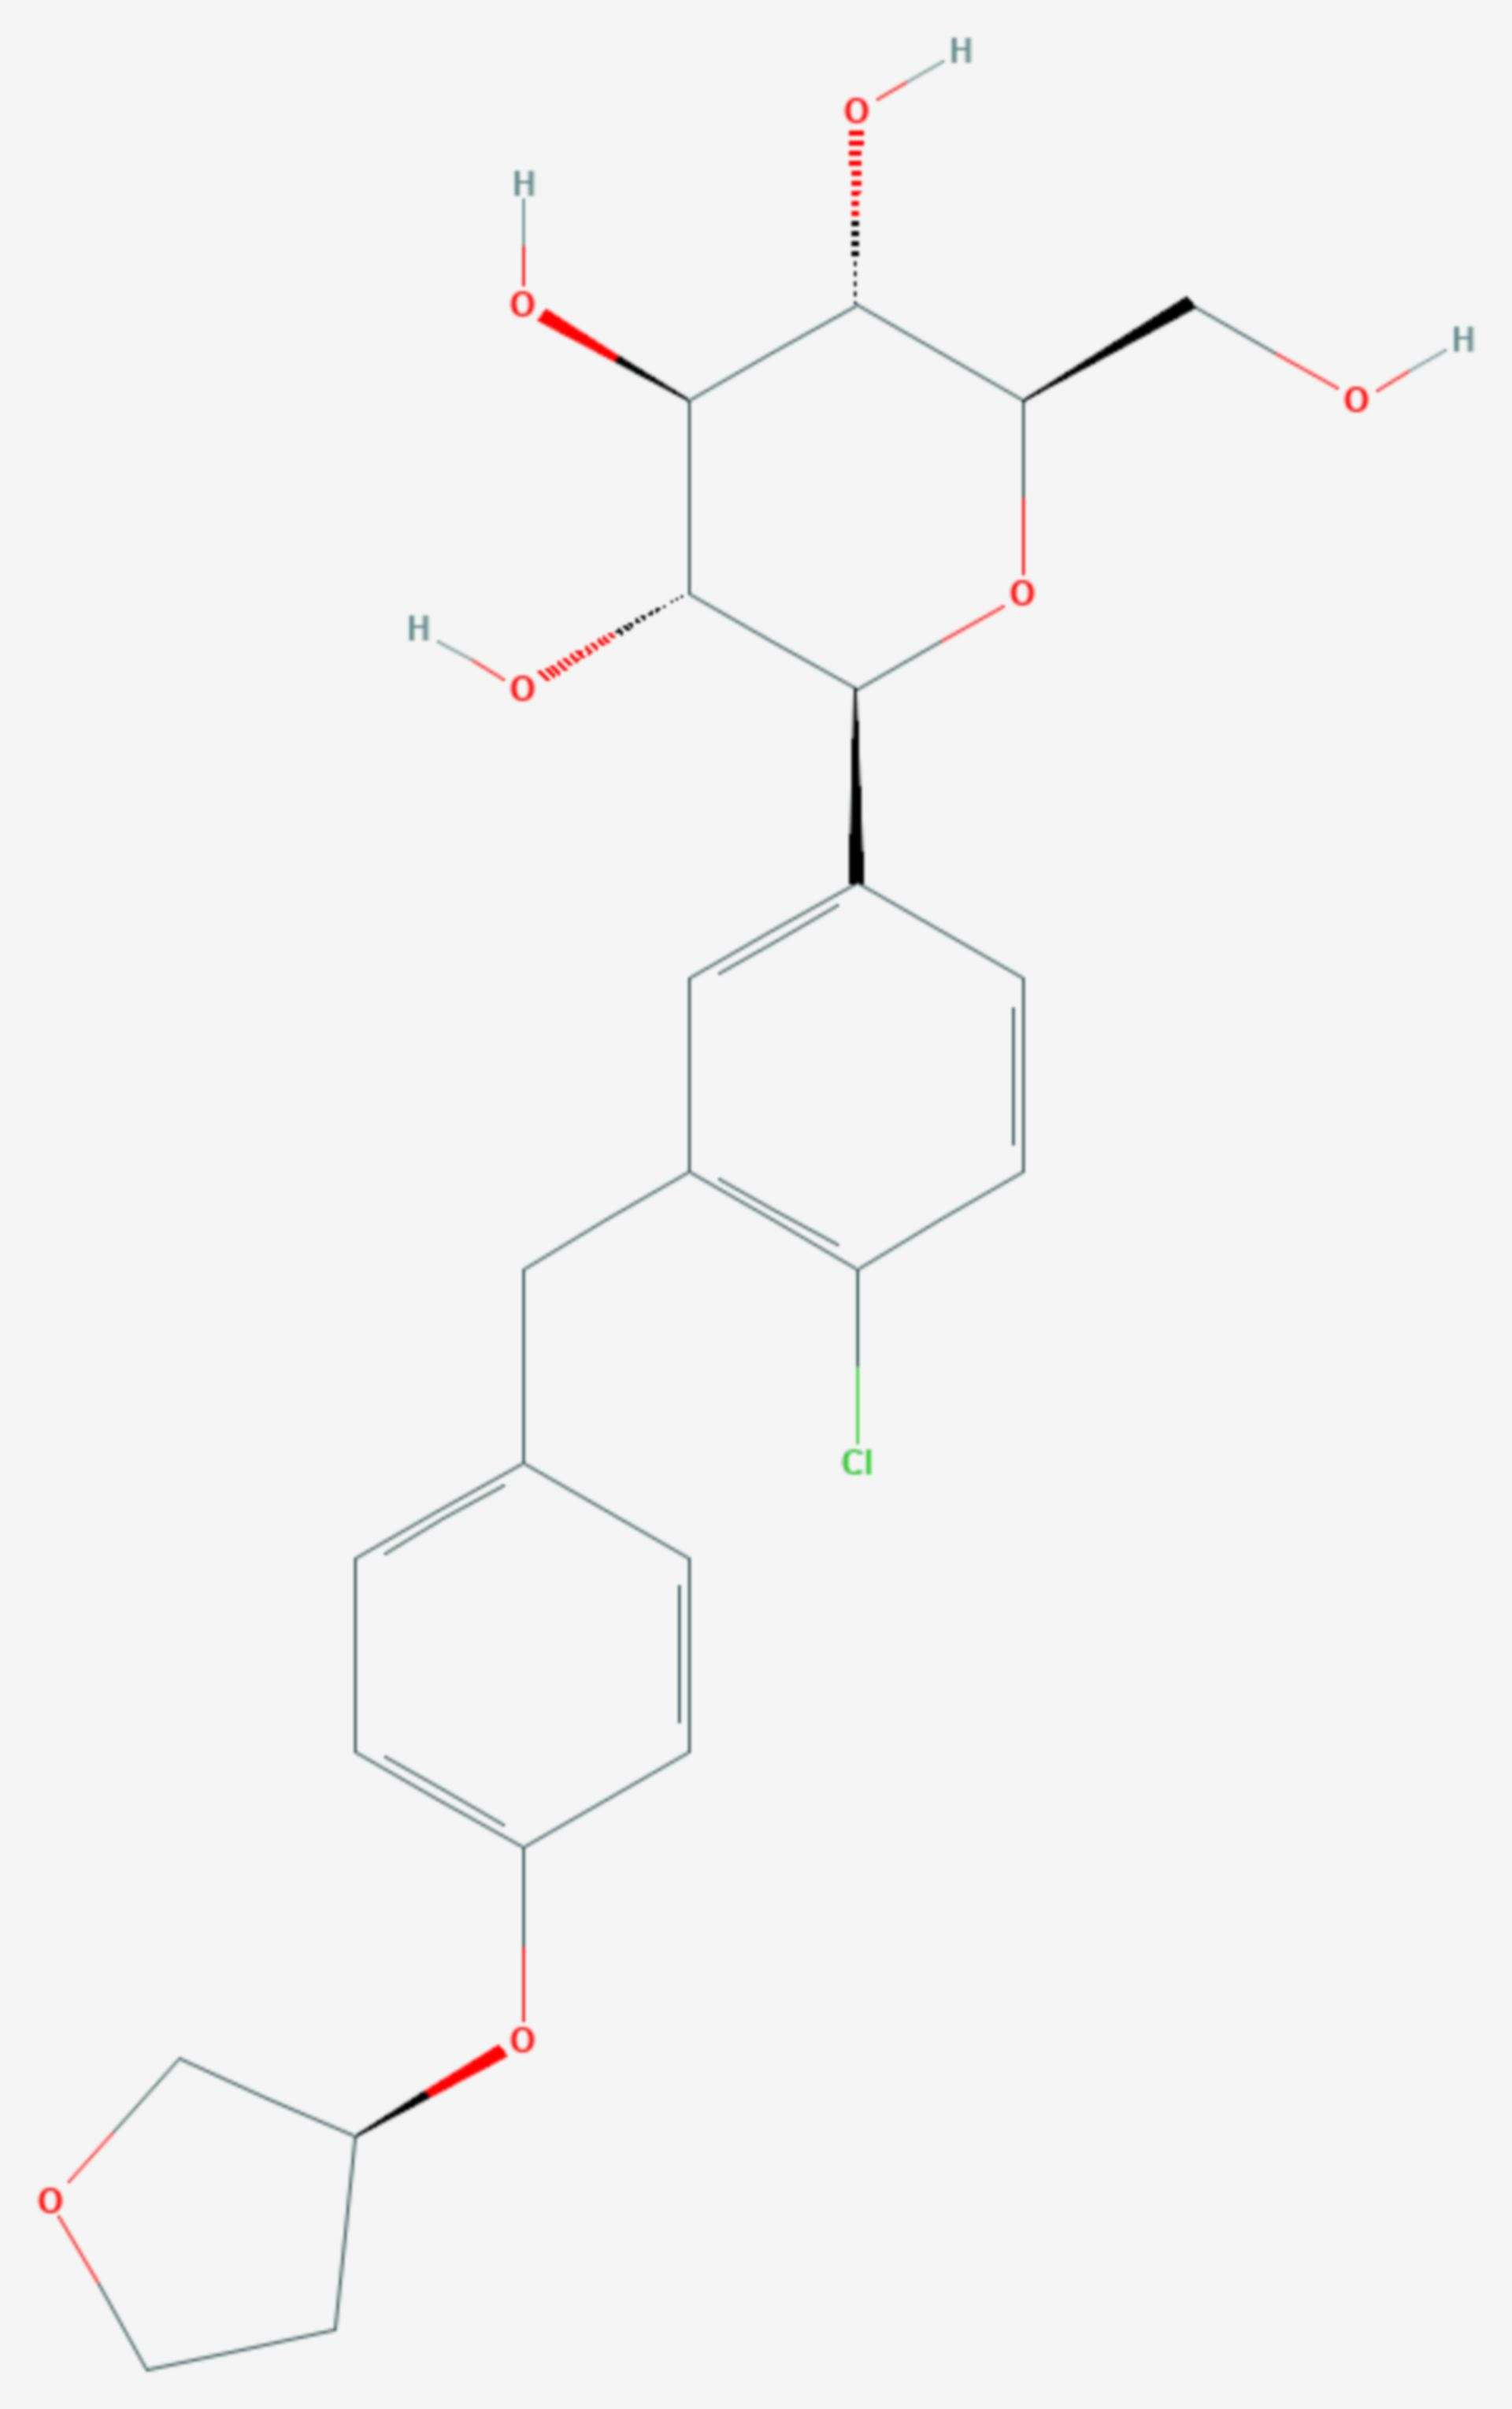 Empagliflozin (Strukturformel)